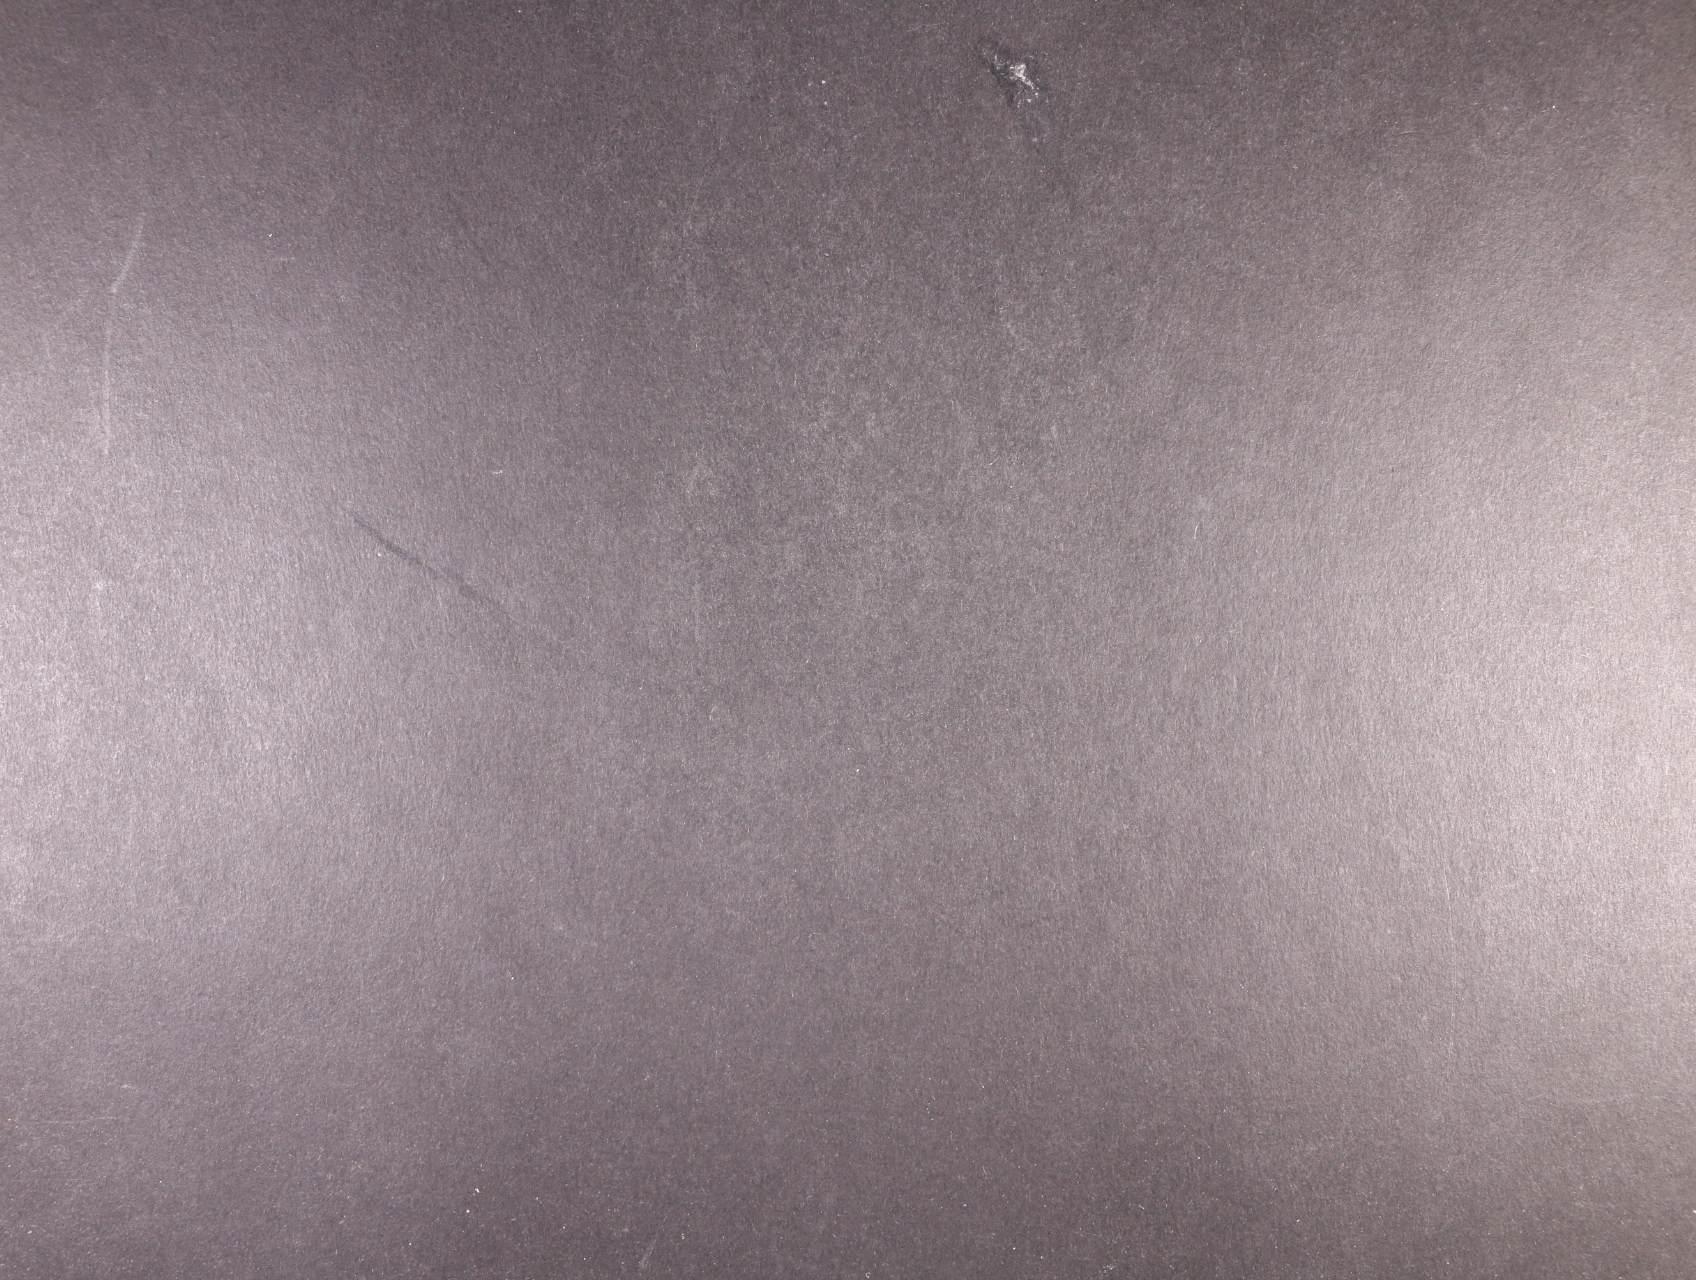 ČSR II celiny - mírně specializovaná sbírka aerogramů CAE 1 - CAE 8, CZA 3 nepřeložený s výstavním raz., CZA 3a nepřeložený, navíc aerogramy ČR a SR (nepočítáno), kat. cena 28860 Kč